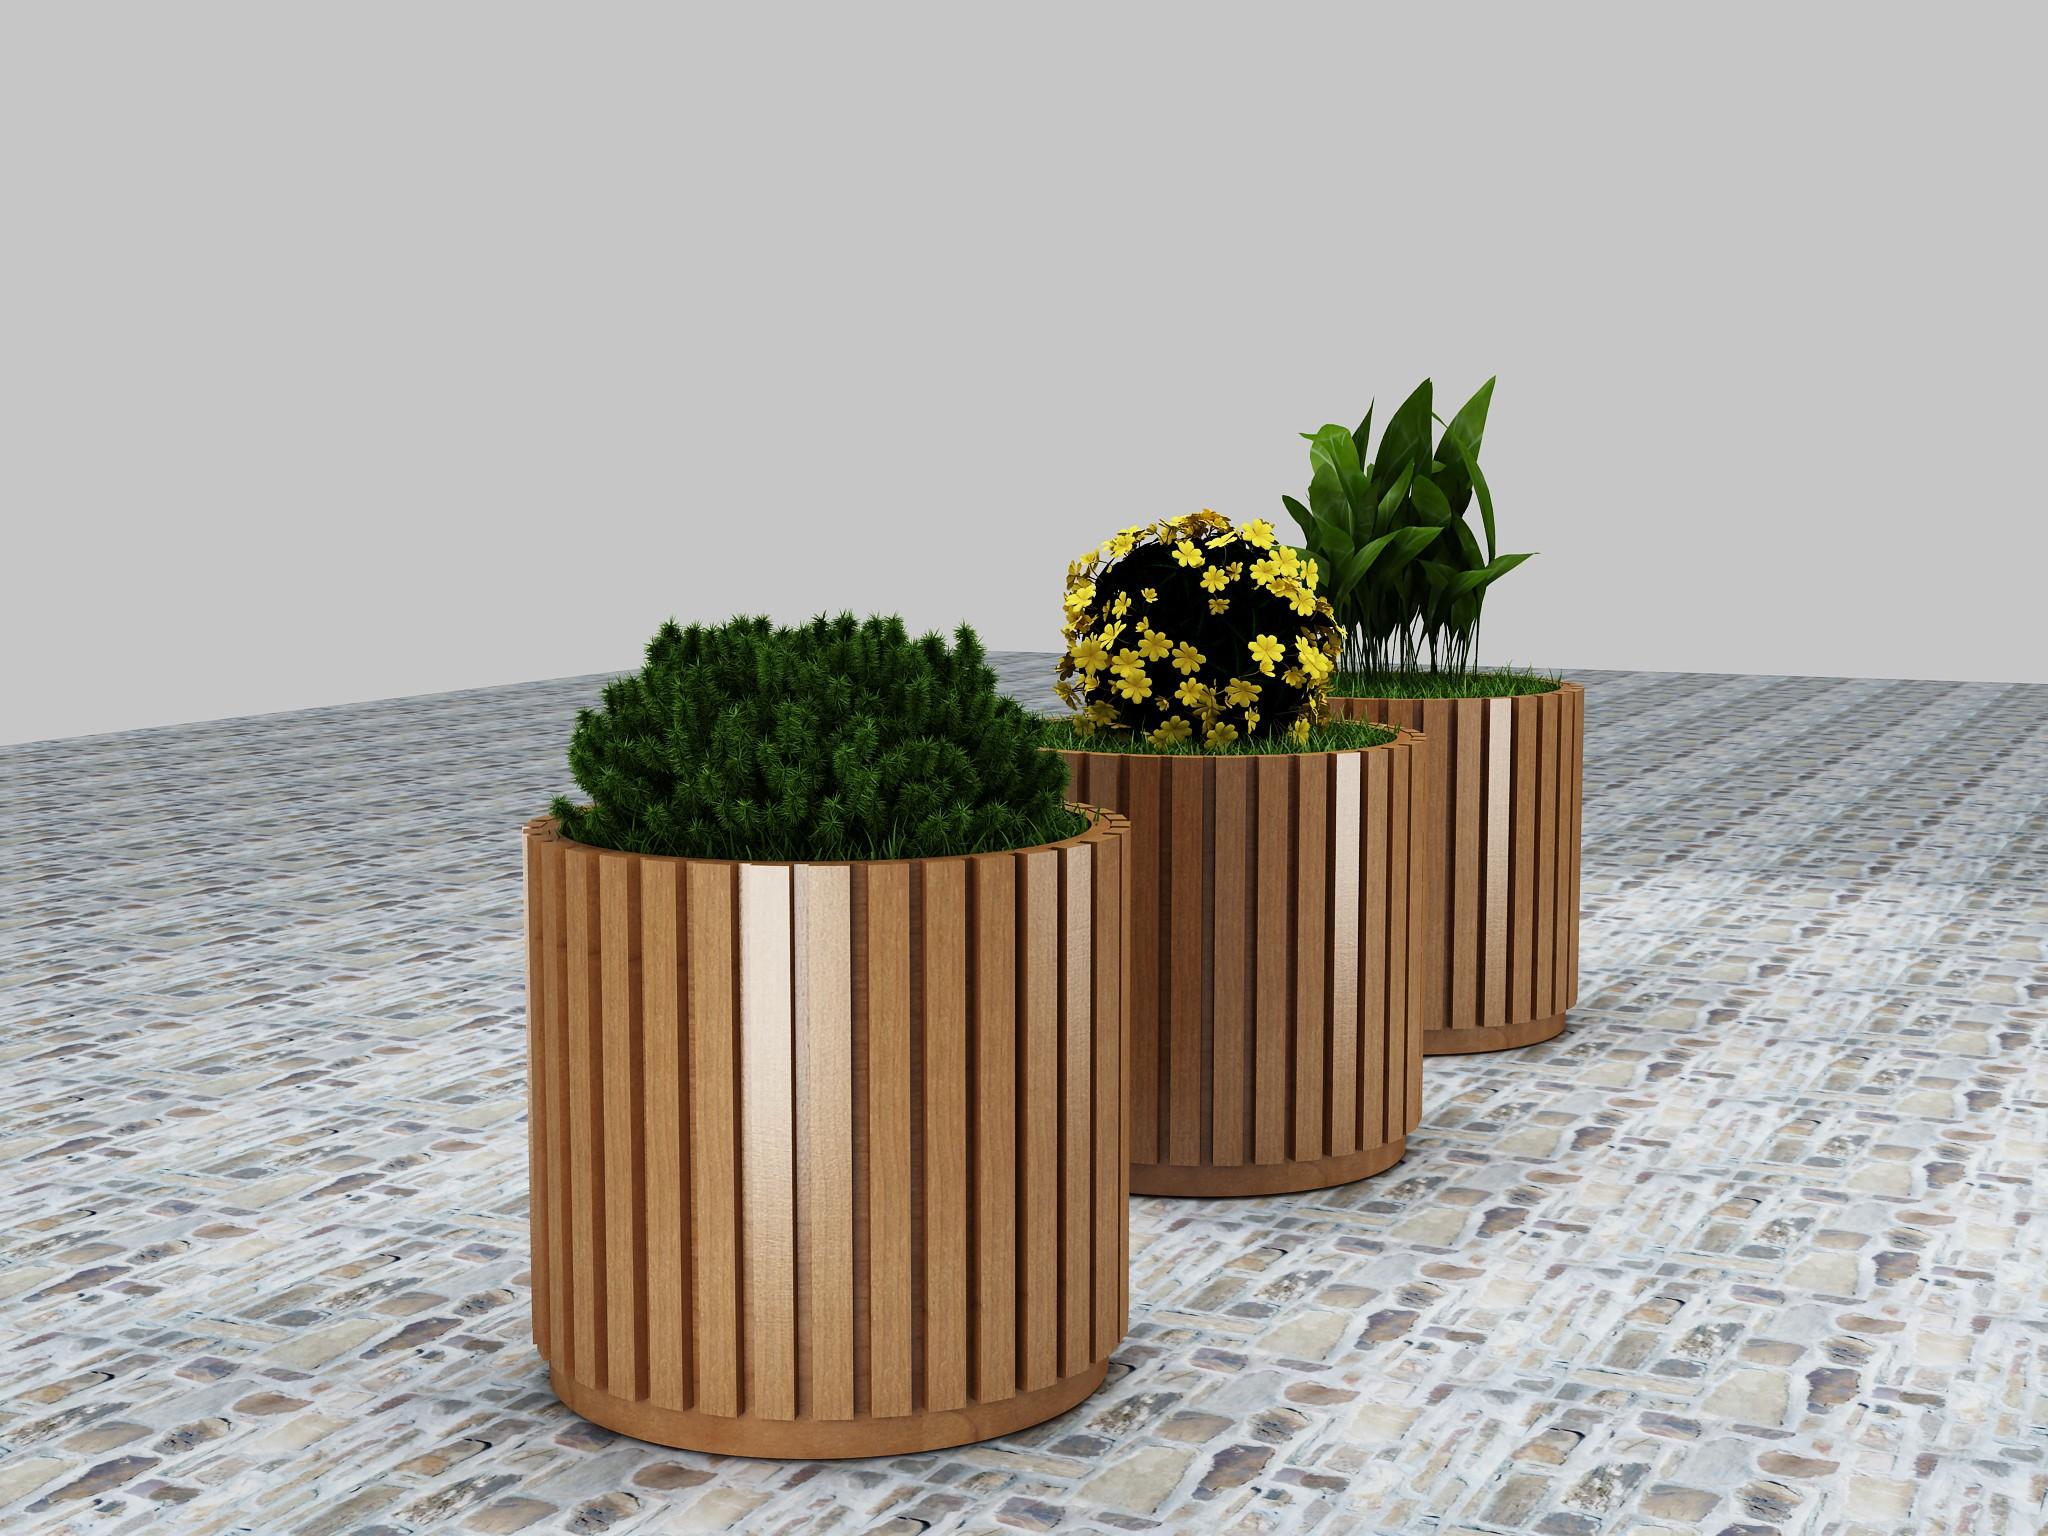 防腐木花池,碳化木花箱,花架,园林绿化花箱,花盆